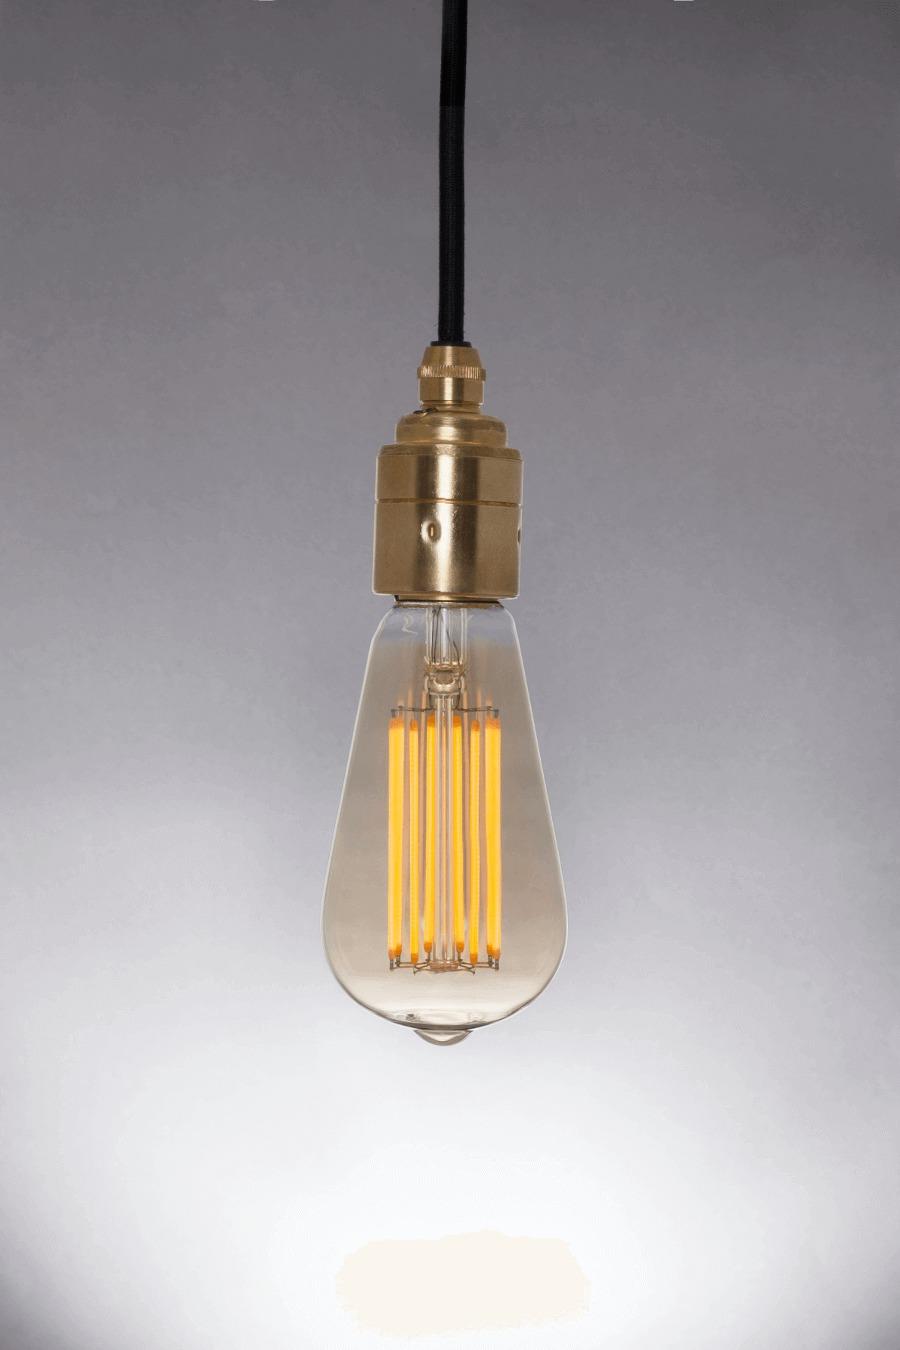 Tala LED light bulbs